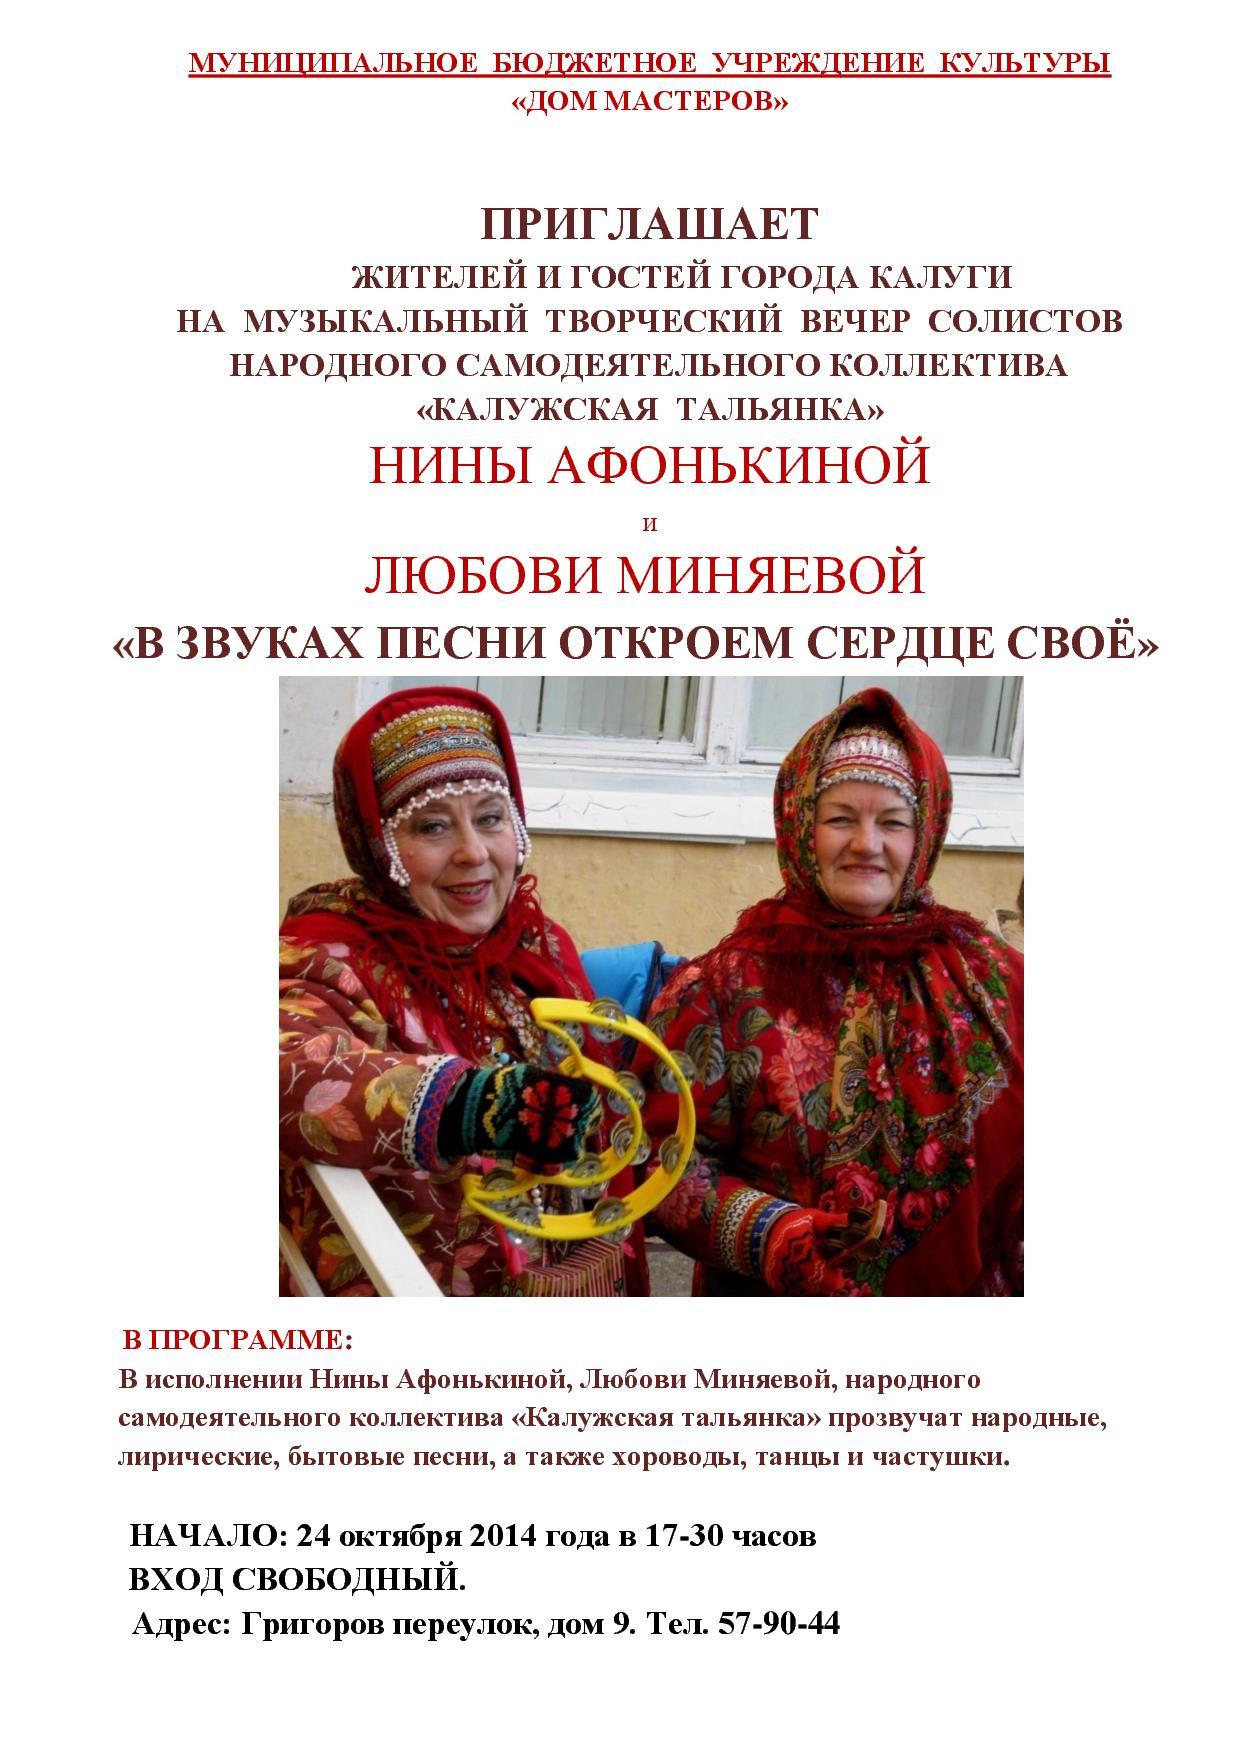 Музыкальный творческий вечер солистов коллектива «Калужская тальянка»